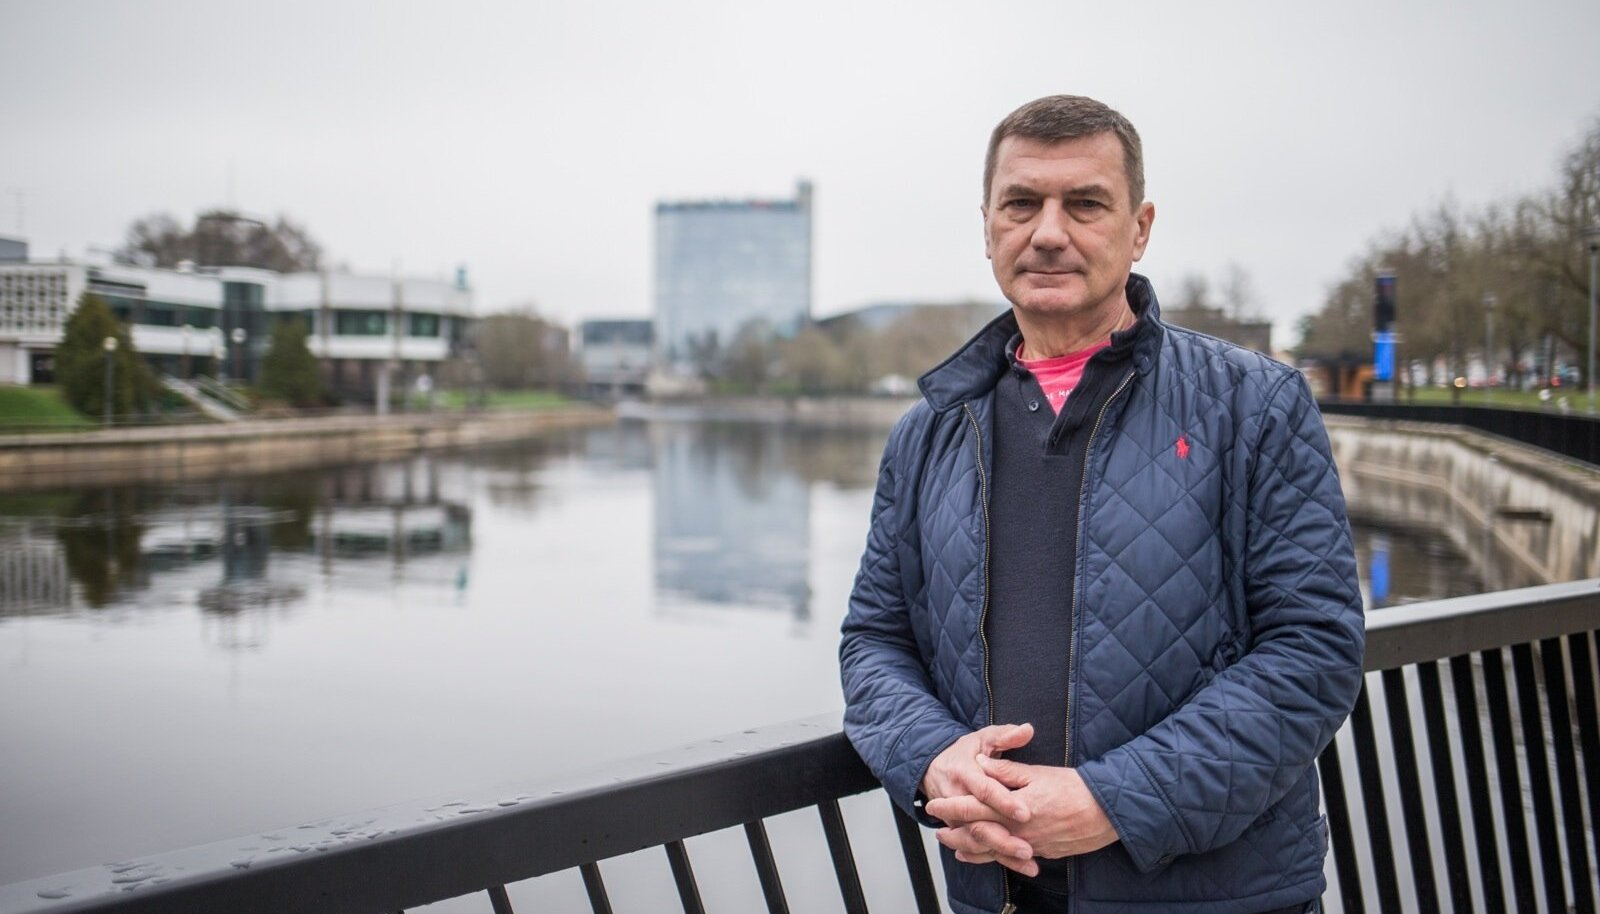 """""""Minu linn. Minu jõgi. Minu kodu. See see on,"""" põhjendab Andrus Ansip oma vastuseisu Tartu lähedale kavandatavale suurtehasele, mis Tartu idülli lõhkuda ähvardab."""